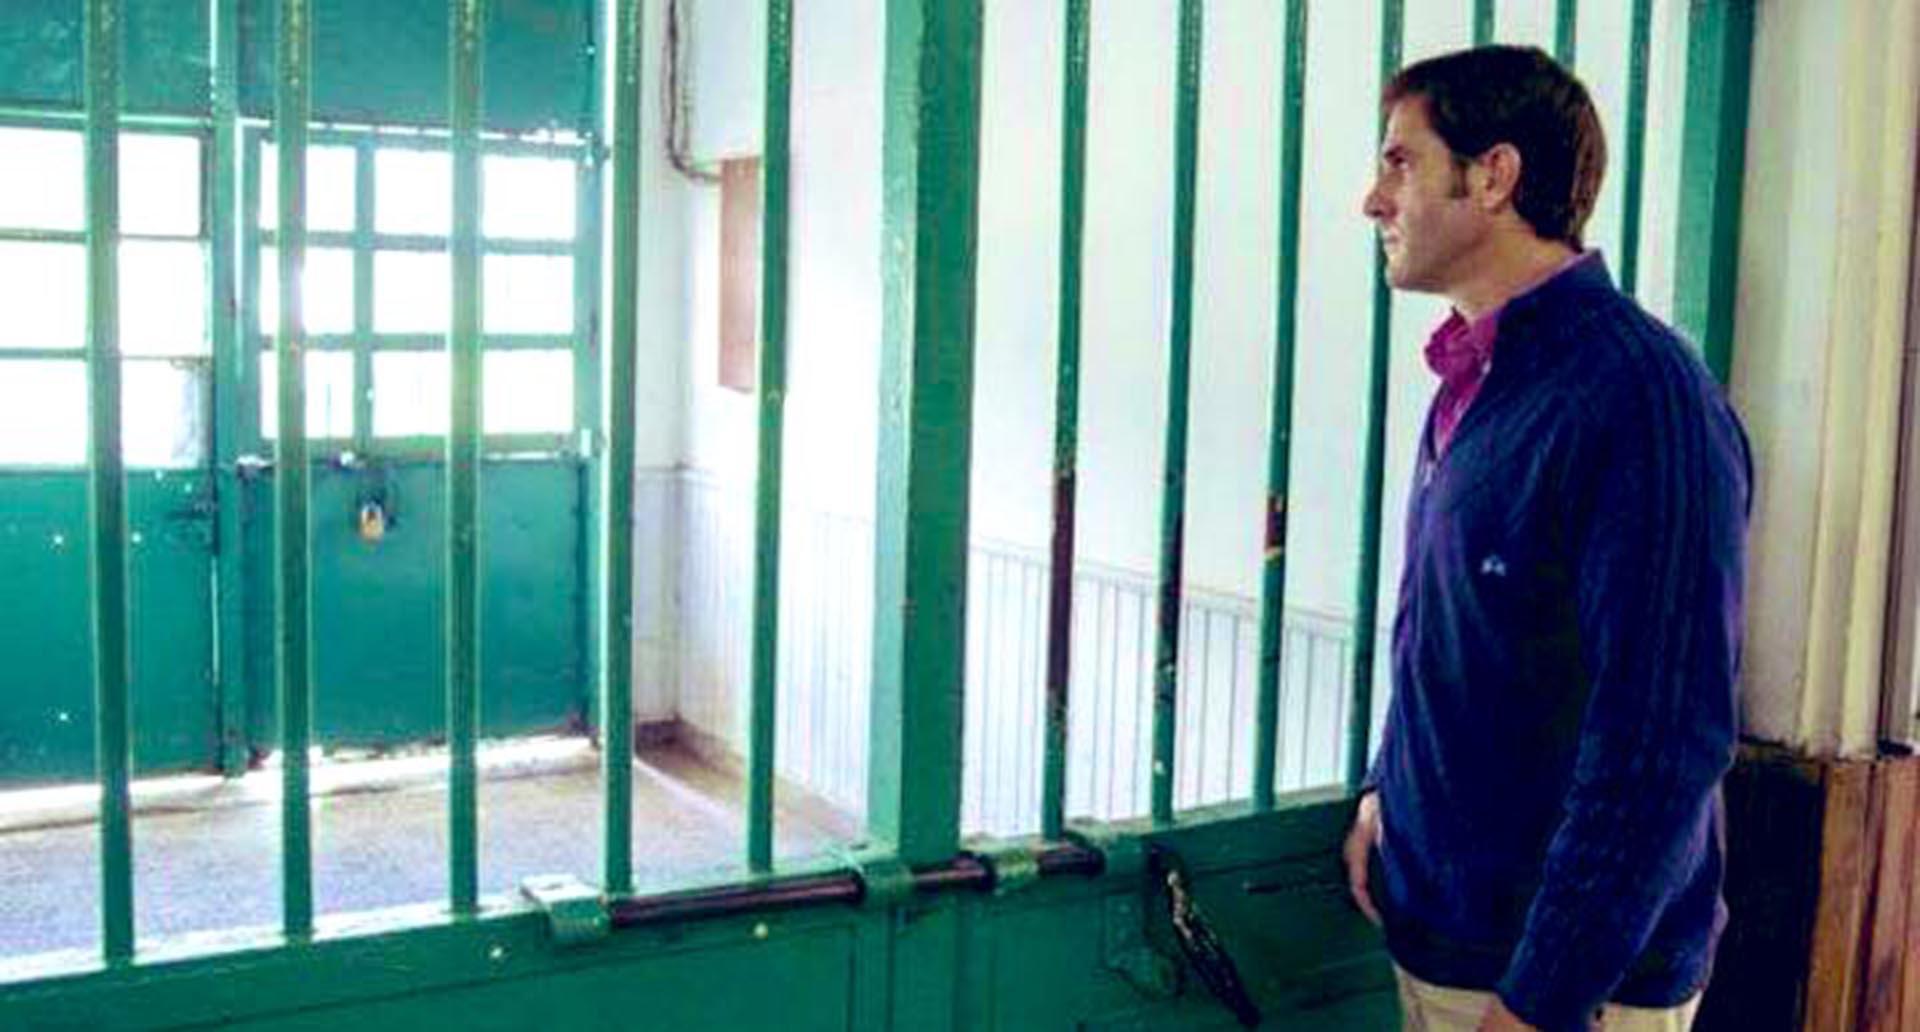 El ex barrabrava de River cumplirá este sábado 6 años como recluso (@schlenkeralan)